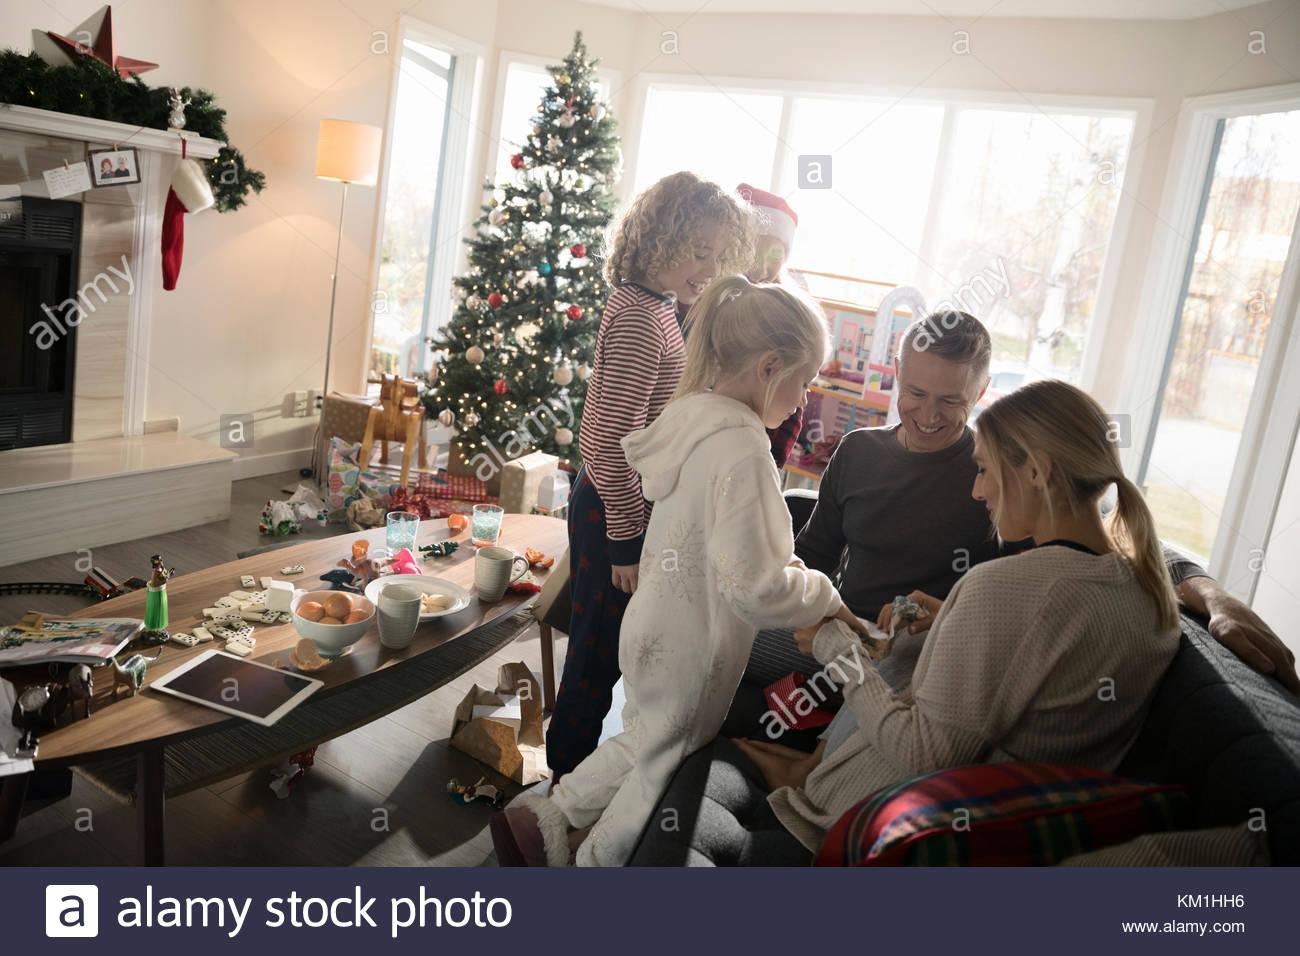 Apertura de la familia regalo de Navidad en el salón Imagen De Stock